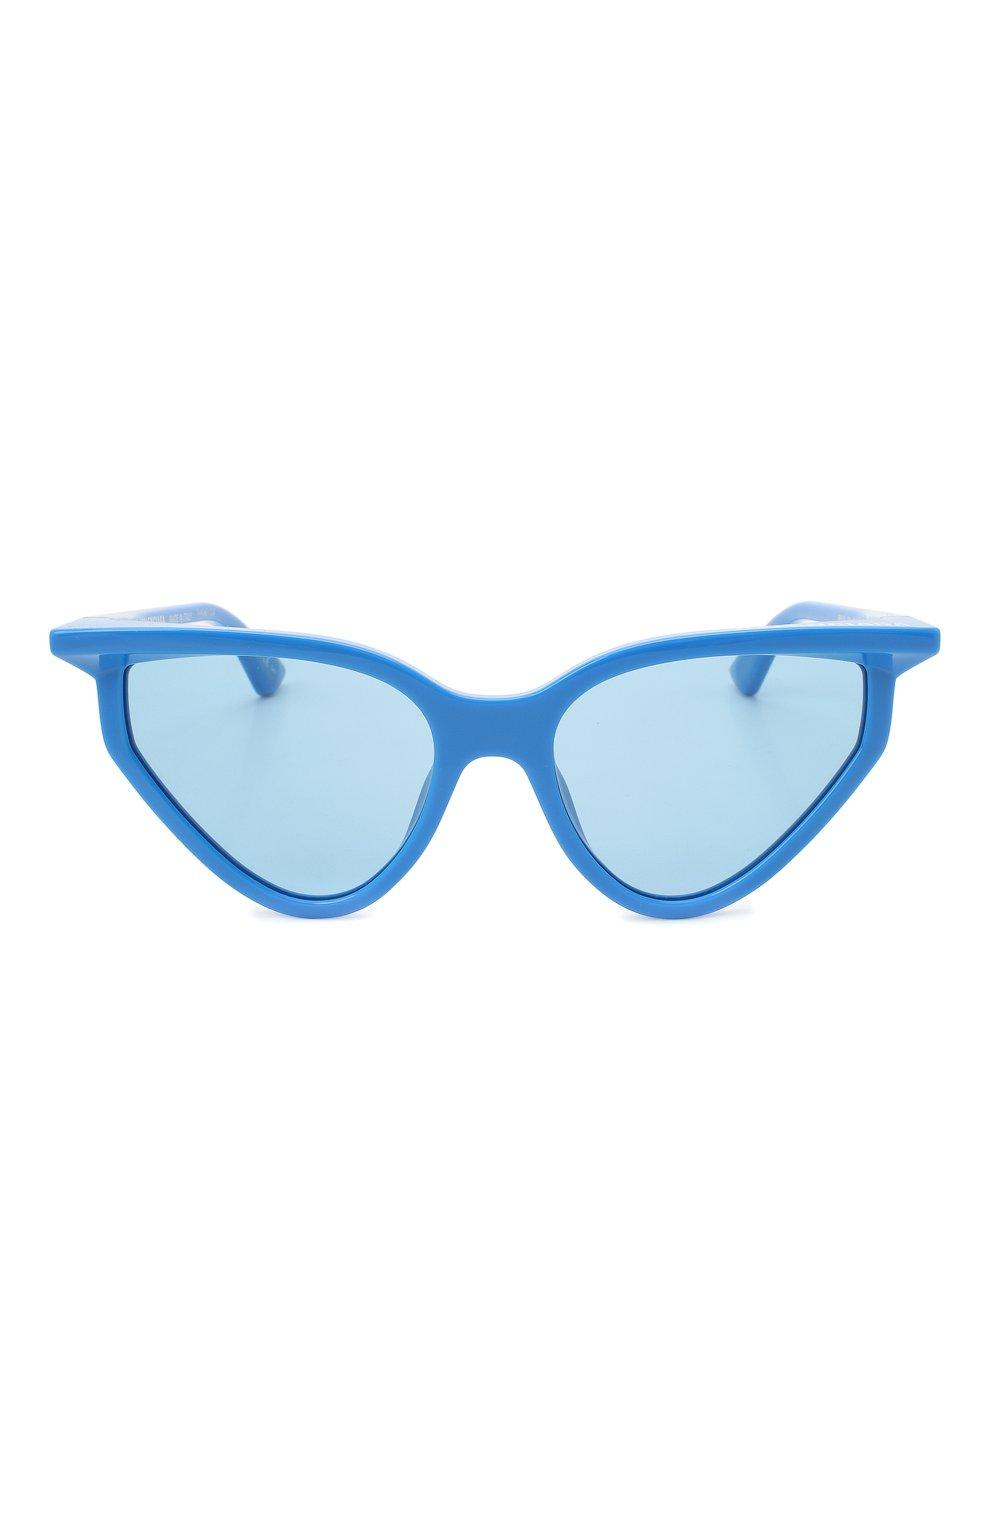 Женские солнцезащитные очки BALENCIAGA синего цвета, арт. BB0101S 004 | Фото 3